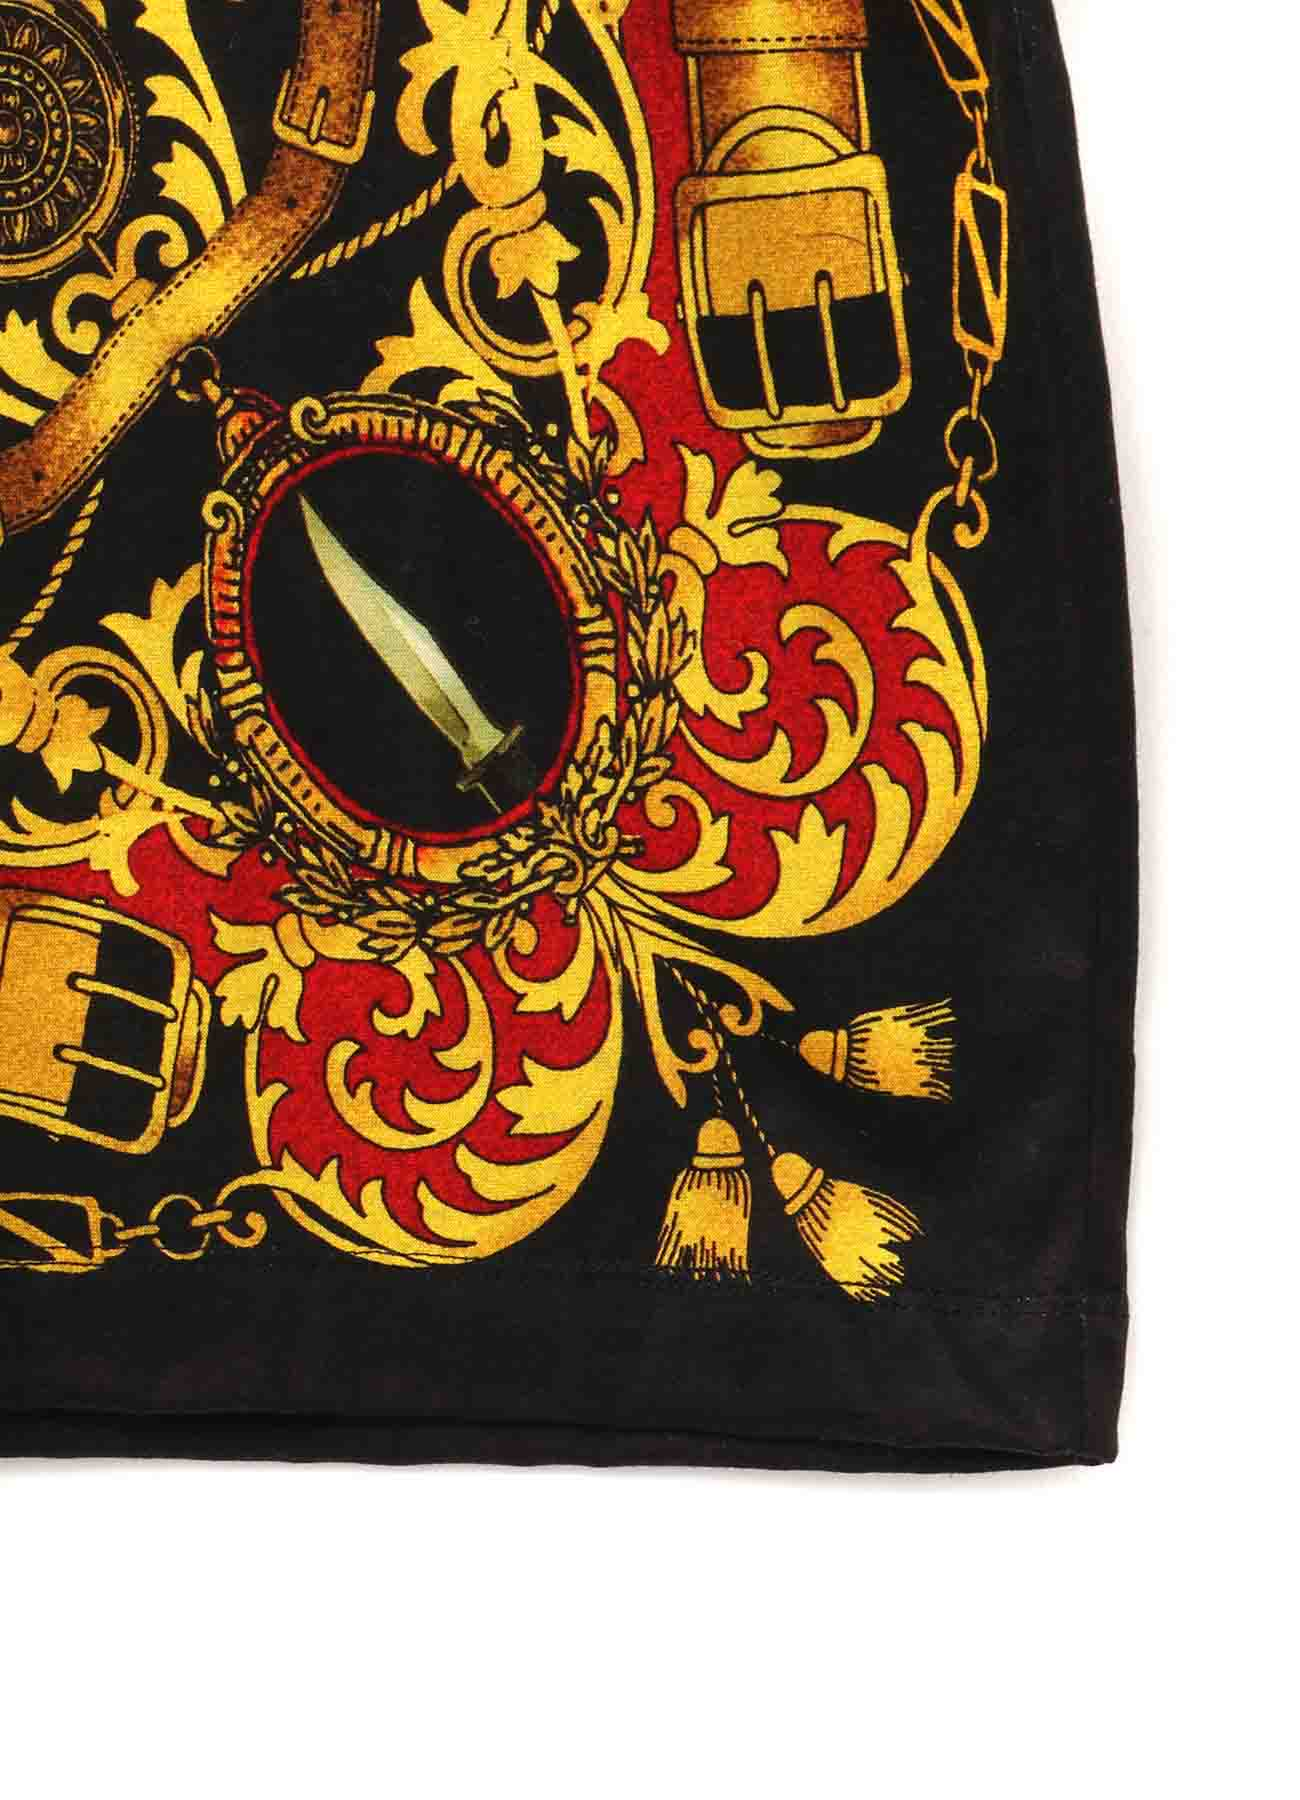 Bandana Pattern D Cotton Jersey Jumbo Long Sleeves Cut Sew